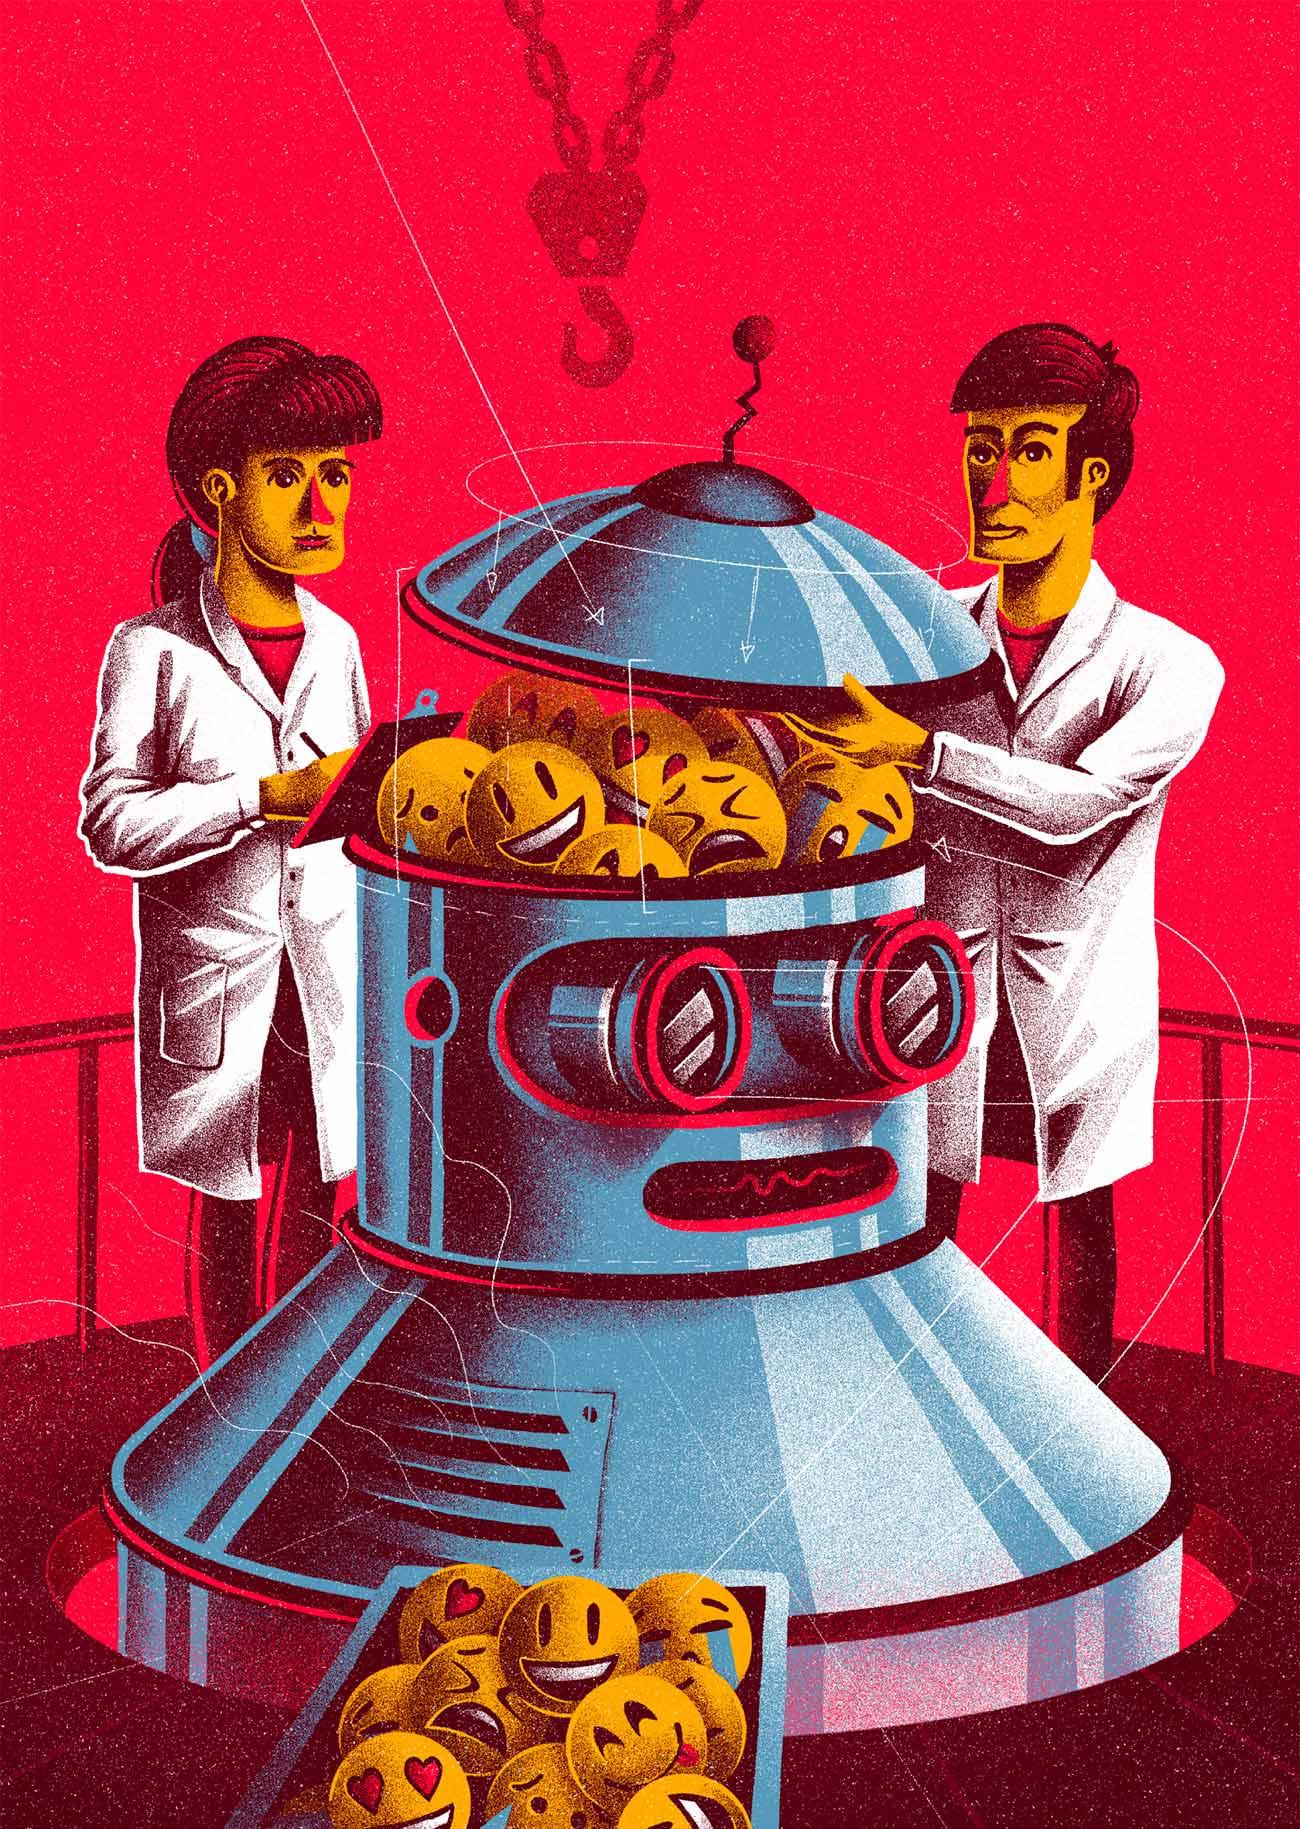 Illustration for Retina Magazine by Sr.Reny